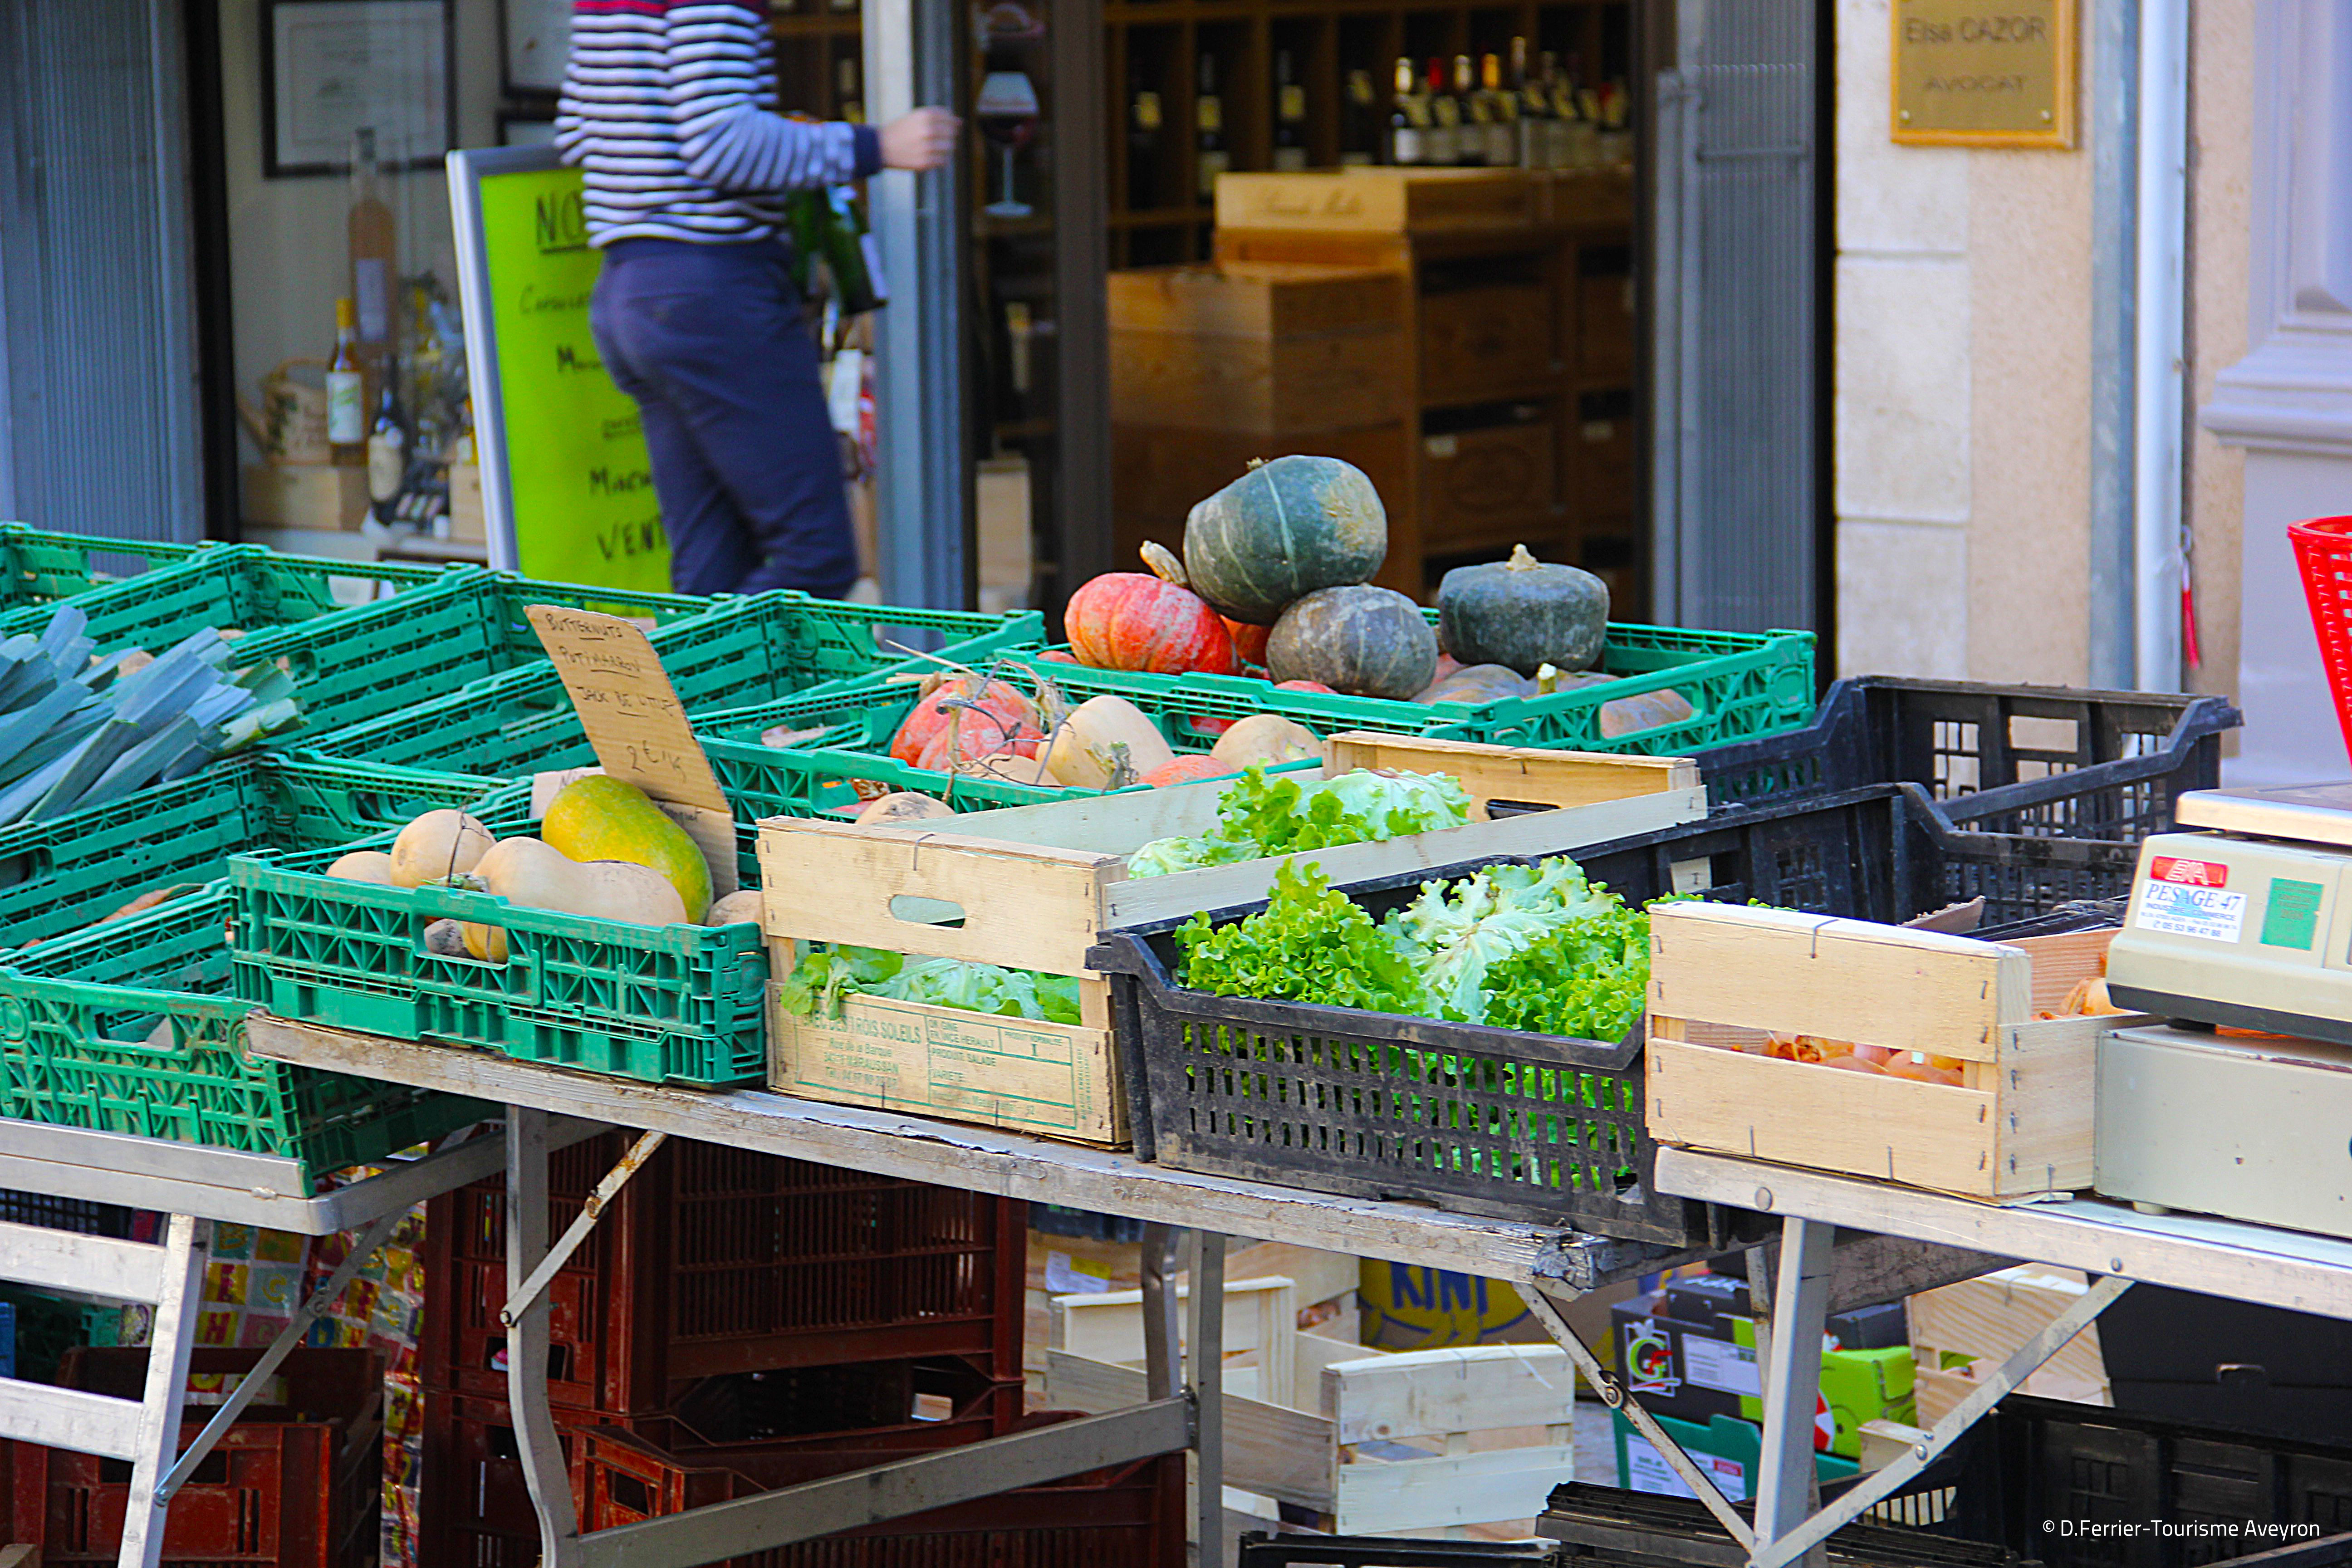 Légumes de saison, marché de Rodez, Aveyron © D.Ferrier - Tourisme Aveyron